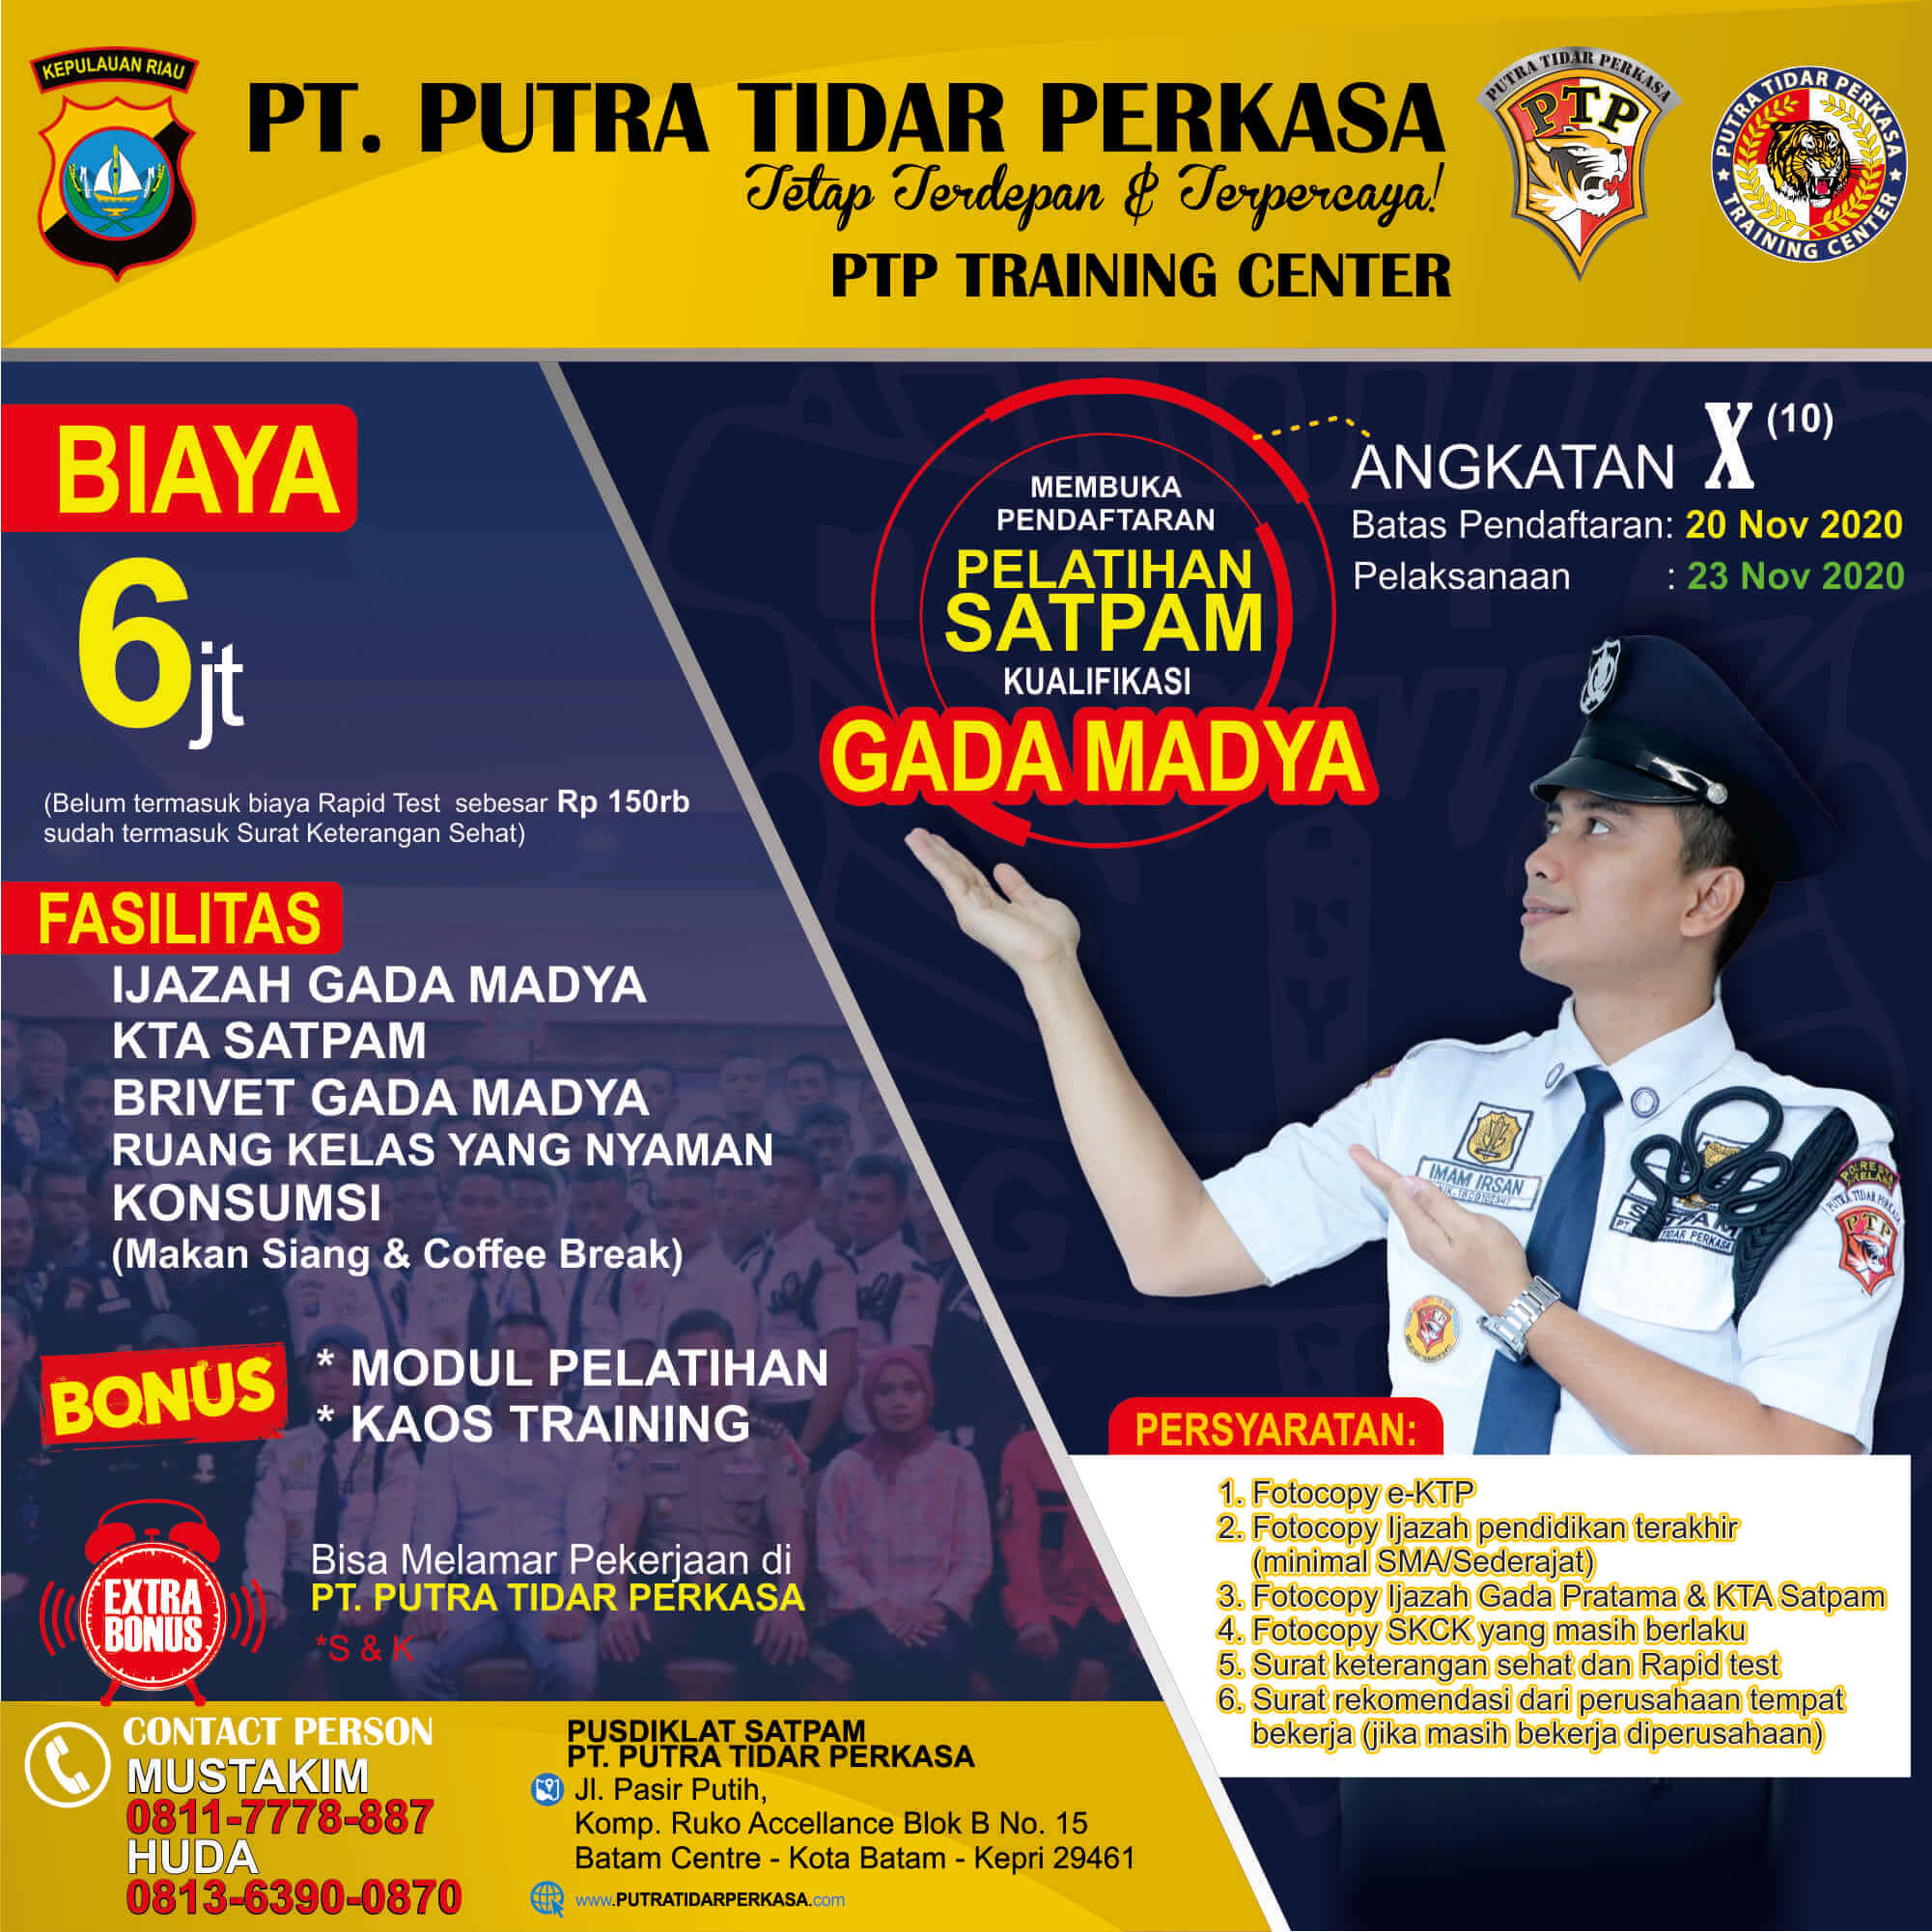 Pelatihan Gada Madya 2020 angkatan X - Putra Tidar Perkasa - 23 Nov 2020